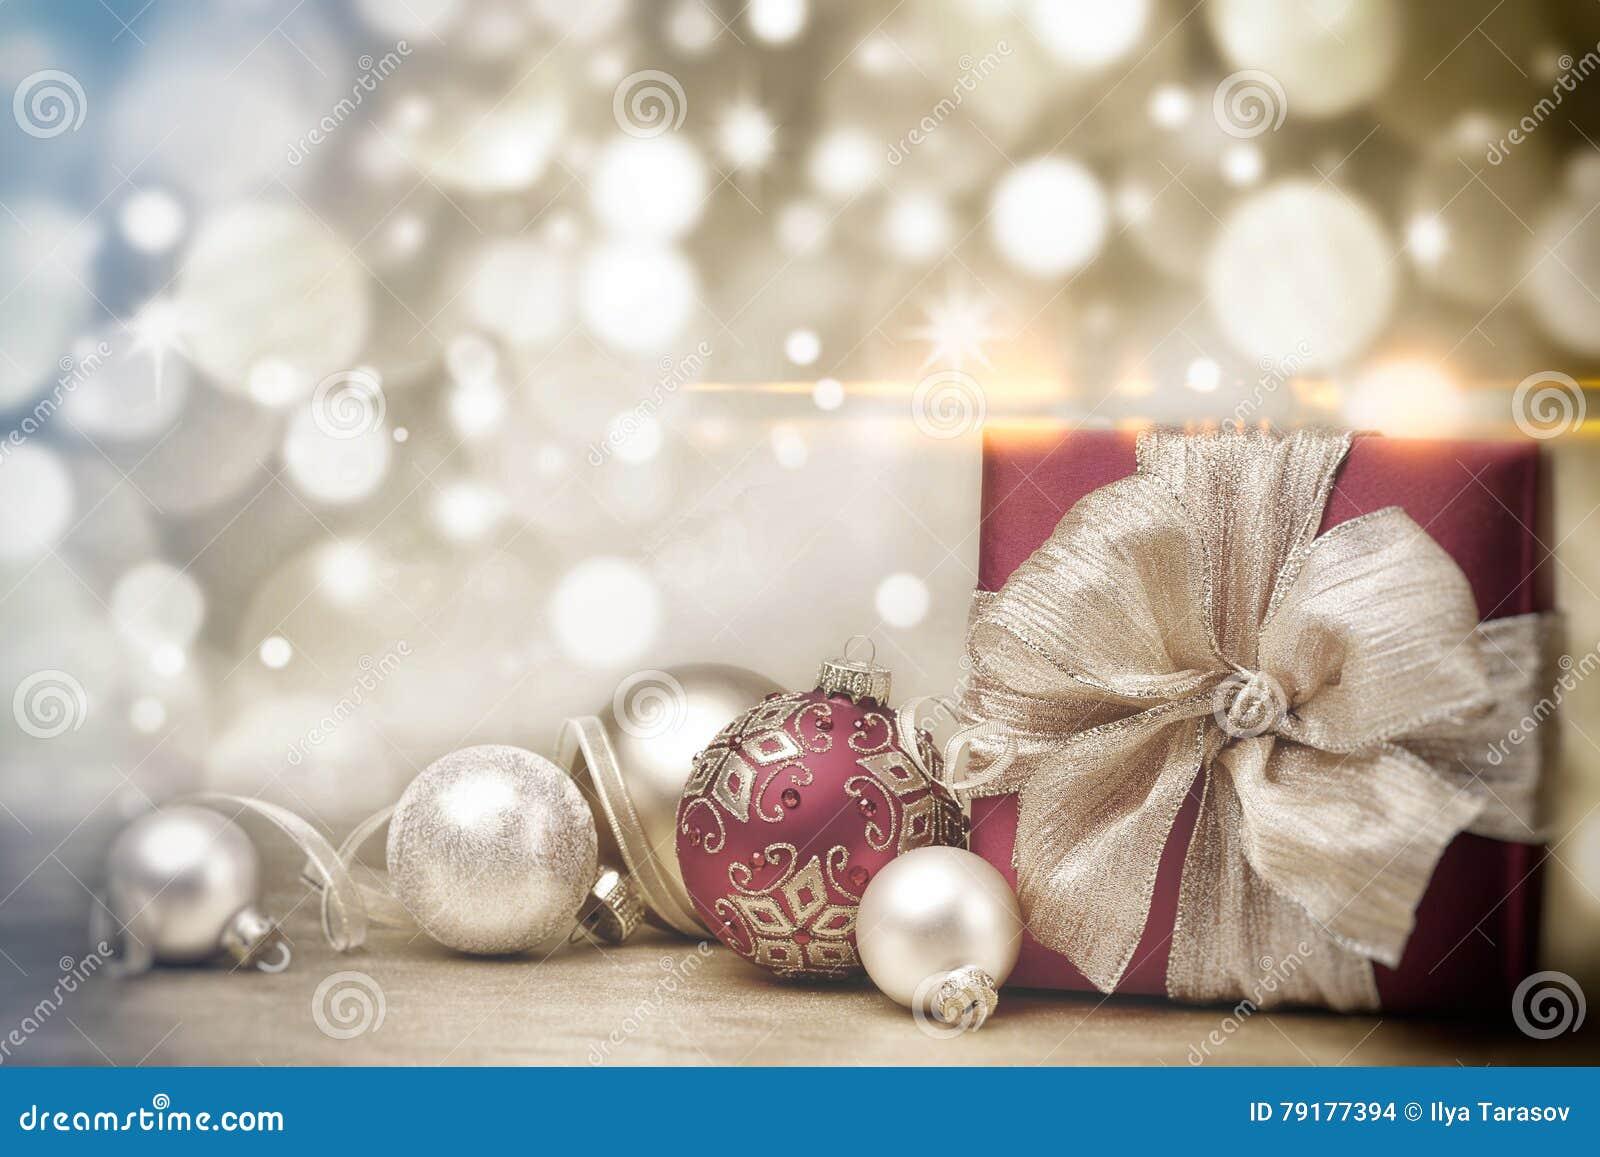 De de rode doos en snuisterijen van de Kerstmisgift op achtergrond van defocused gouden lichten